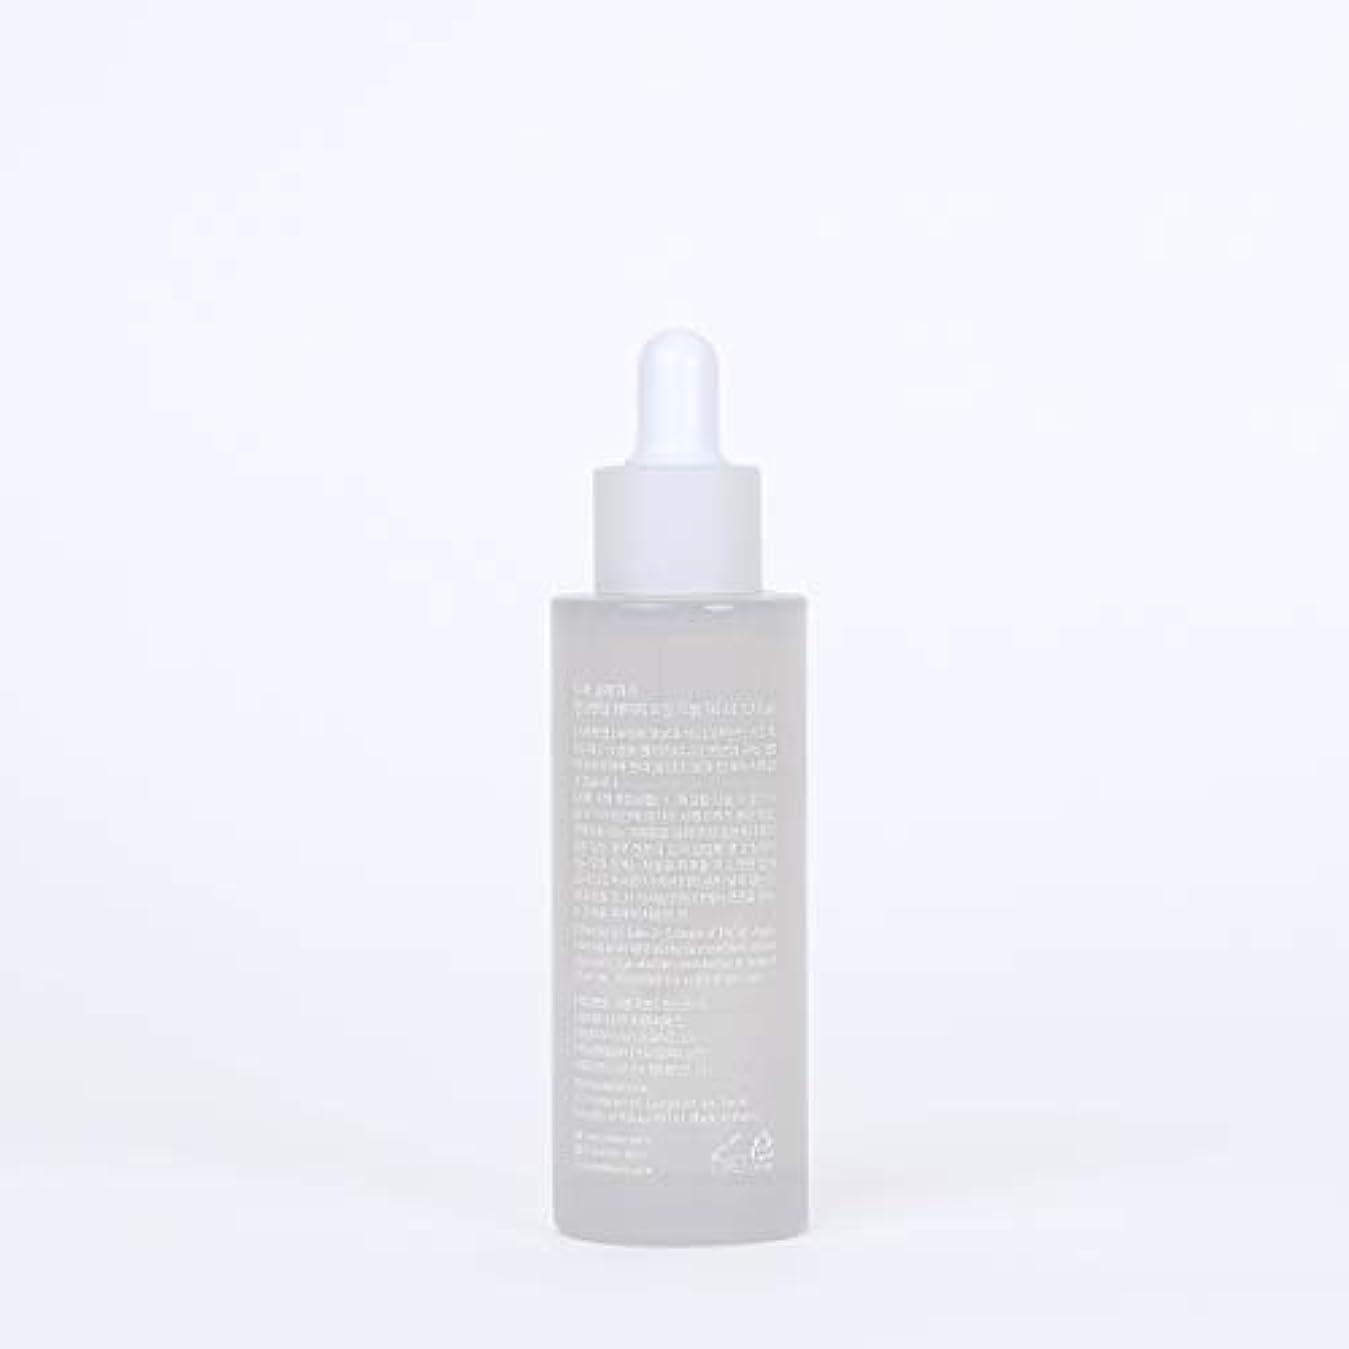 船尾要求信頼性【クレアス(Klairs)】ファンダメンタルウォーターリーオイルドロップ, Fundamental Watery Oil Drop, 50ml, [並行輸入品]